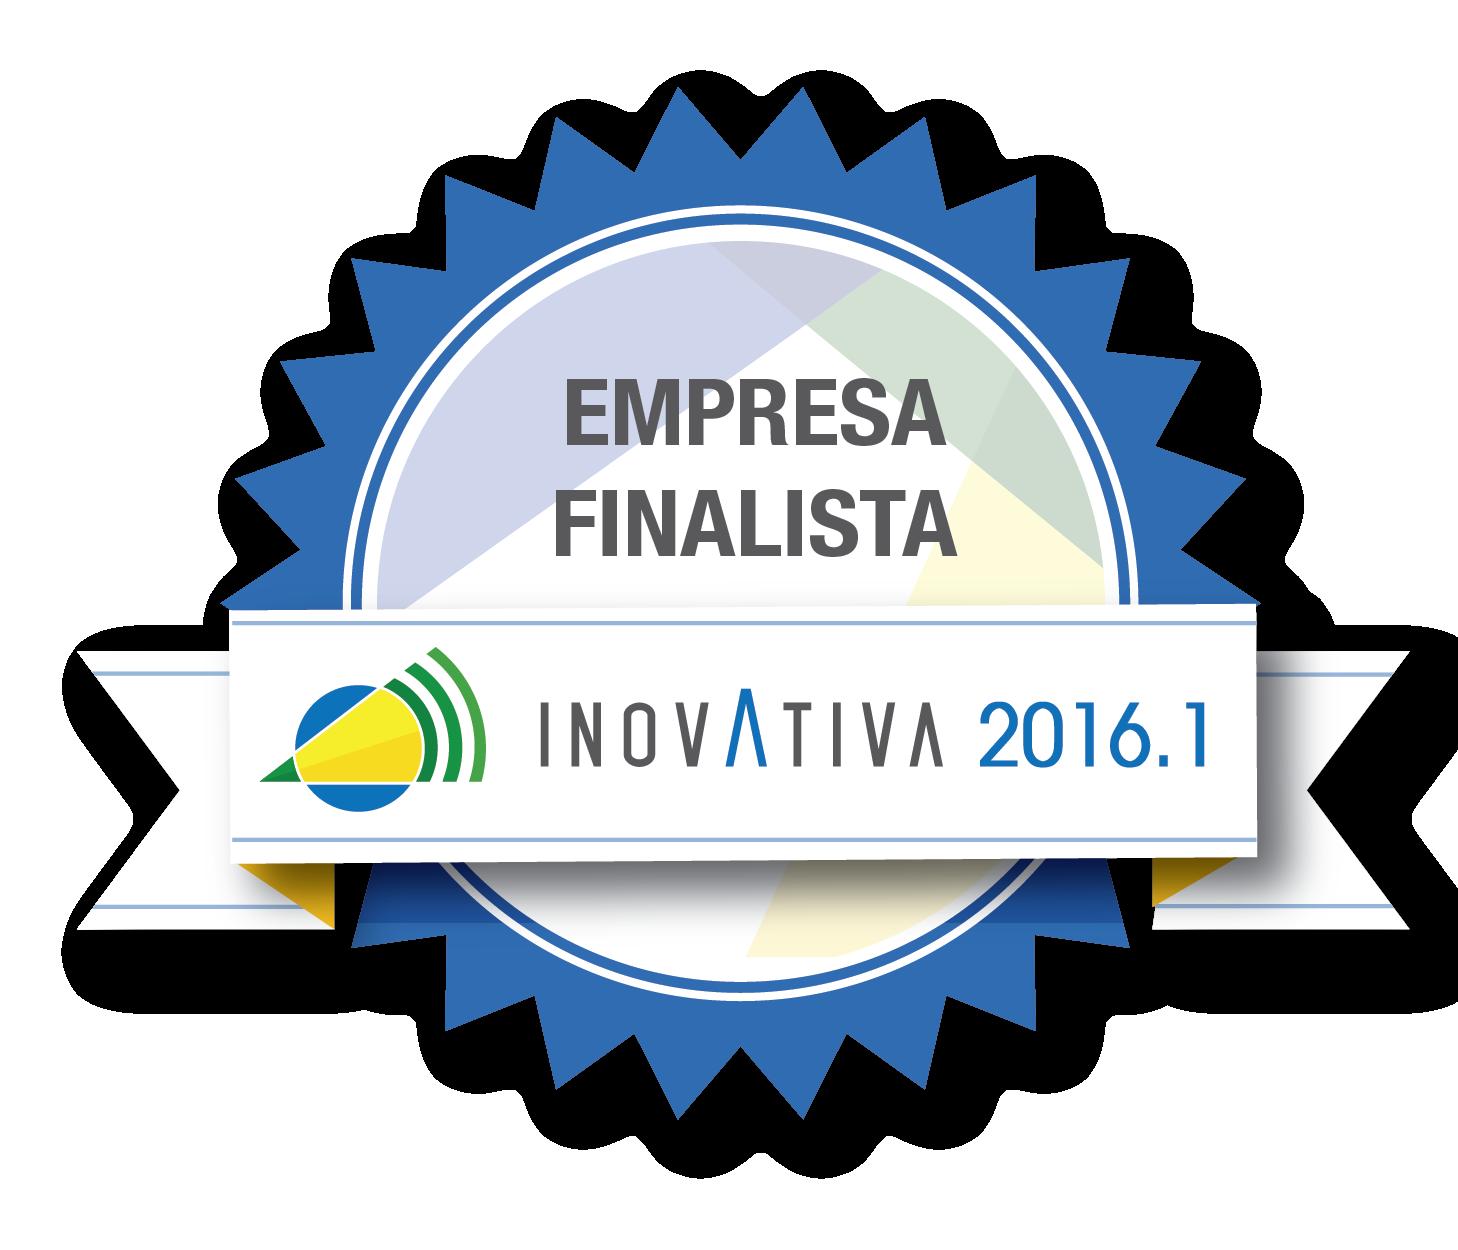 Coletor de dados Kcollector recebe Selo Empresa Finalista no Inovativa Brasil 2016